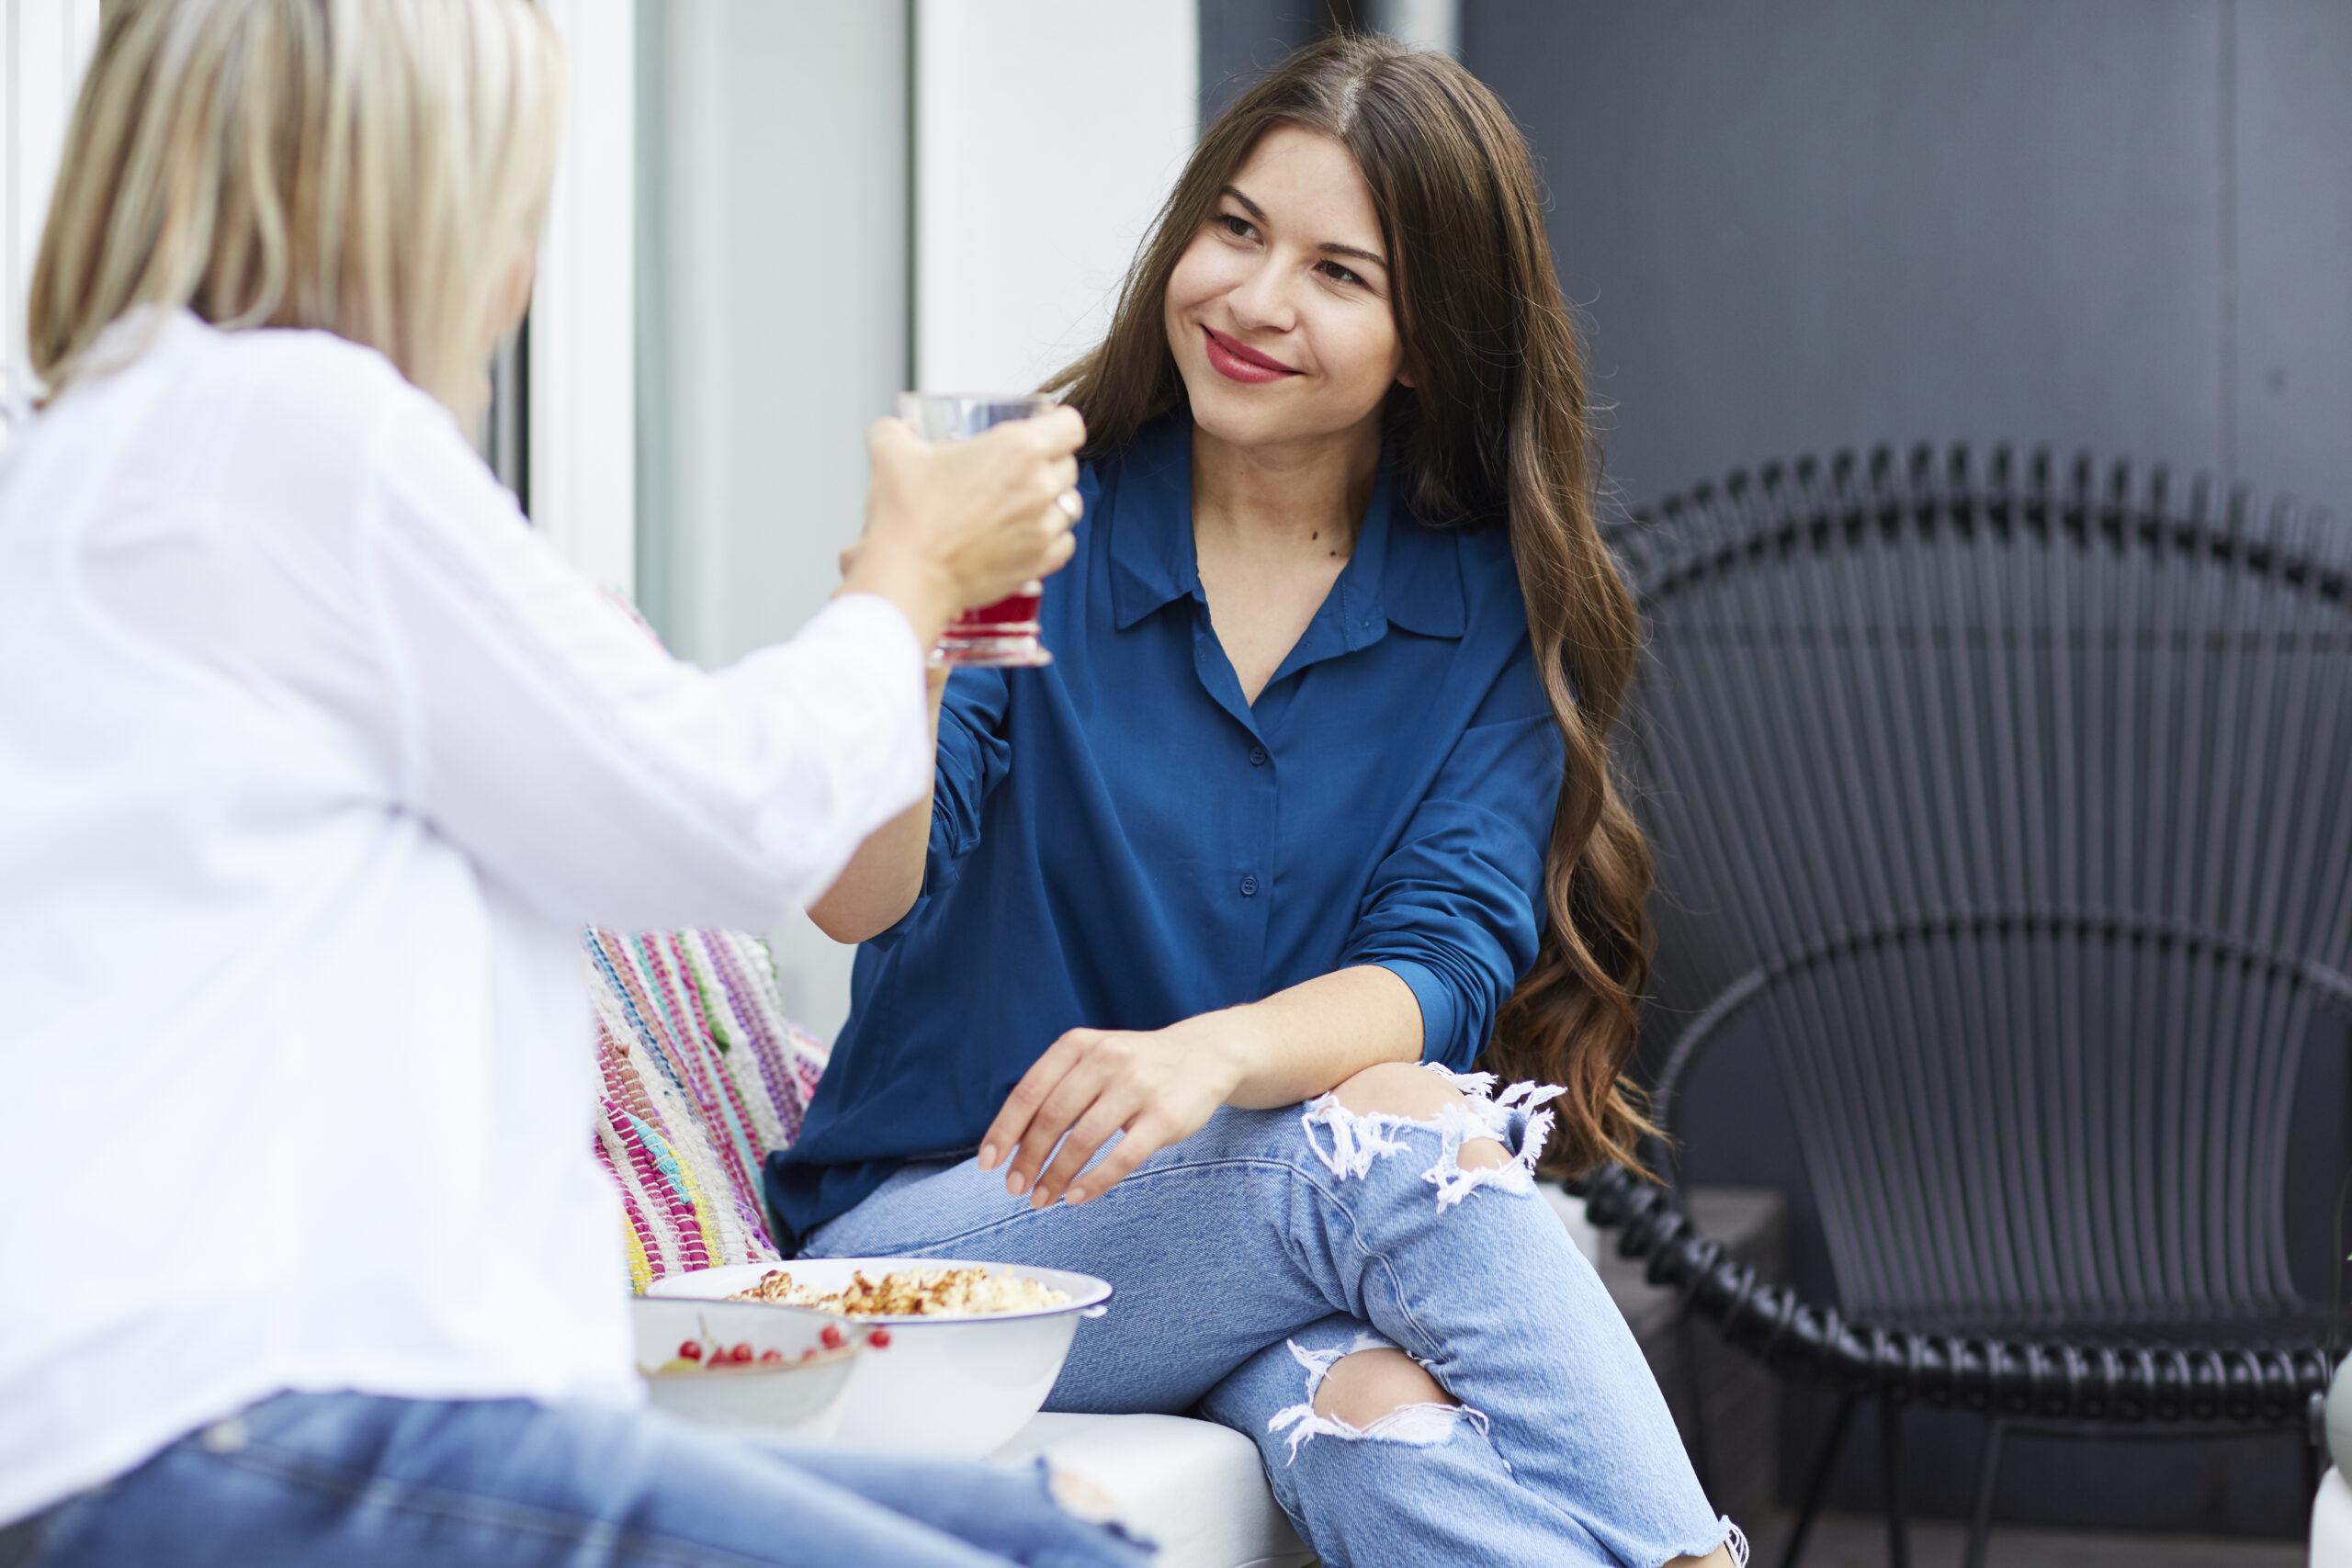 Auswärts Essen bei Freunden während der Abnahme - Tipps & Tricks